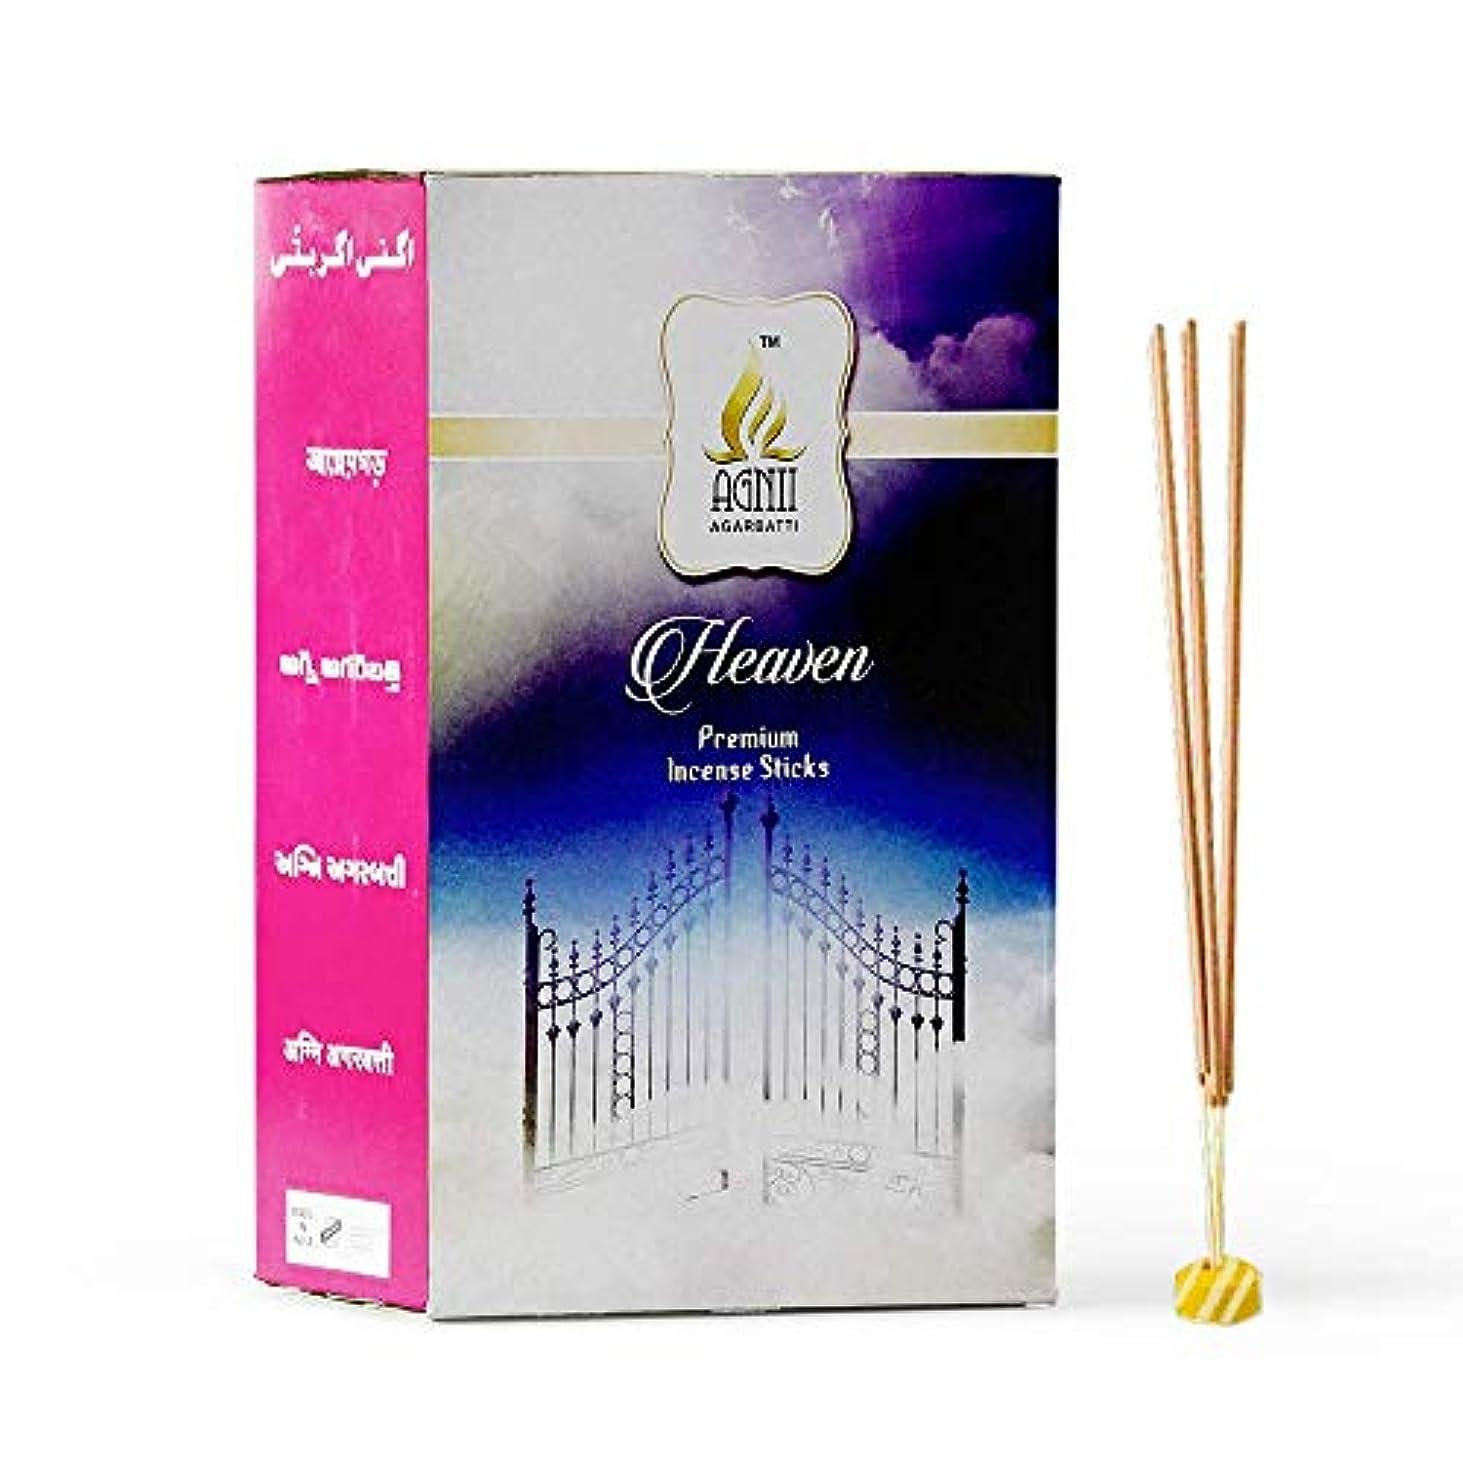 洞察力のある鷲堀AGNII AGARBATTI Heaven Incense Sticks (18 GRM_Brown) Pack of 12